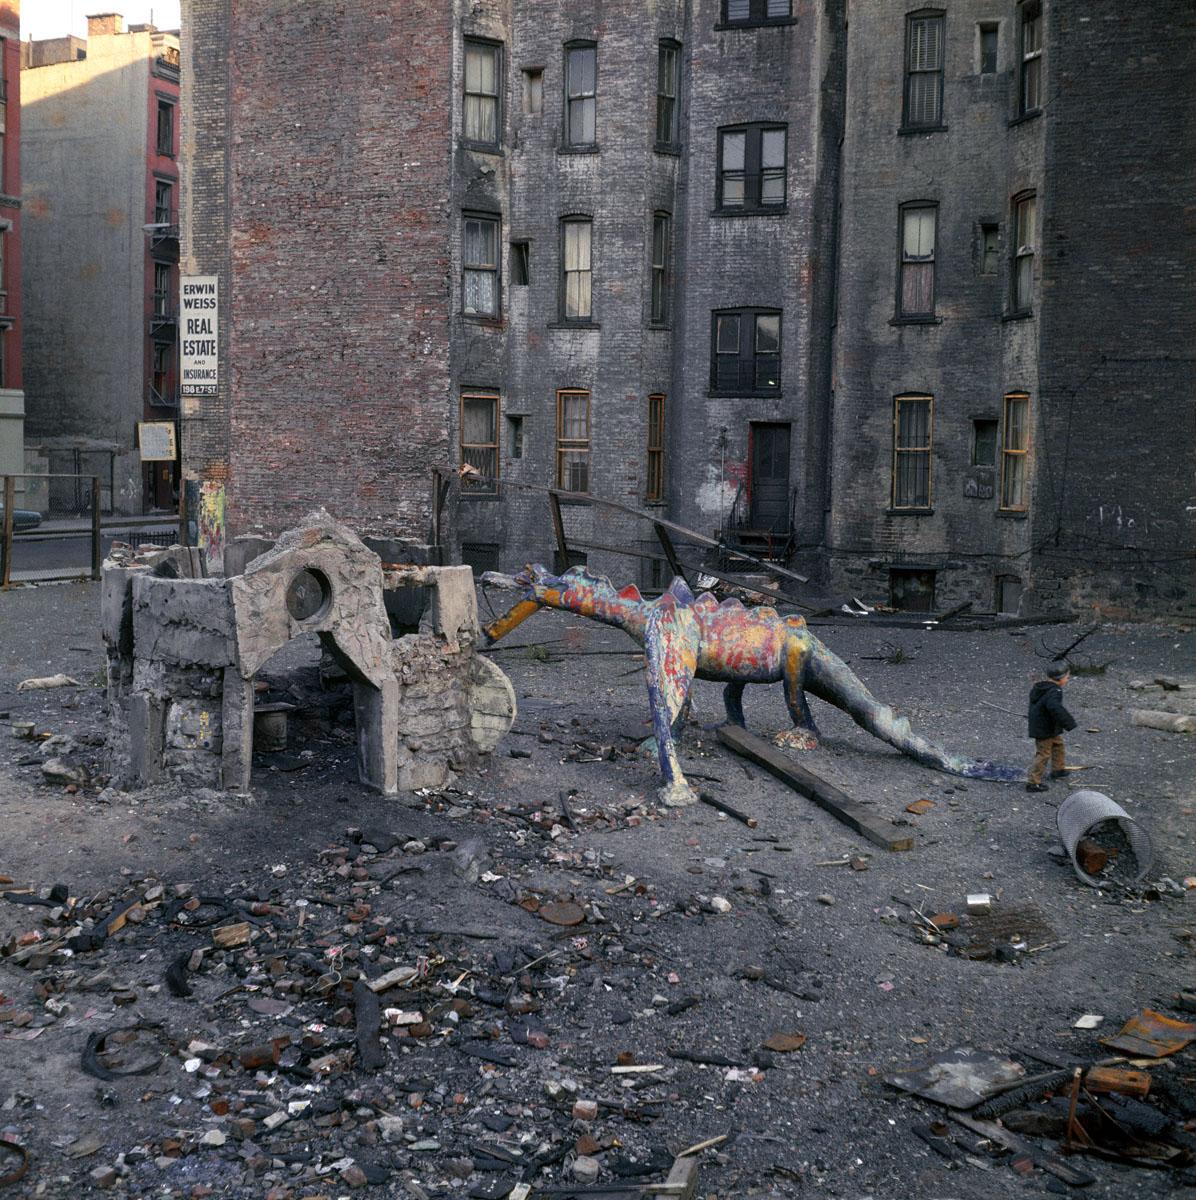 La photographie montre une zone urbaine abandonnée ornée de la sculpture d'un dr